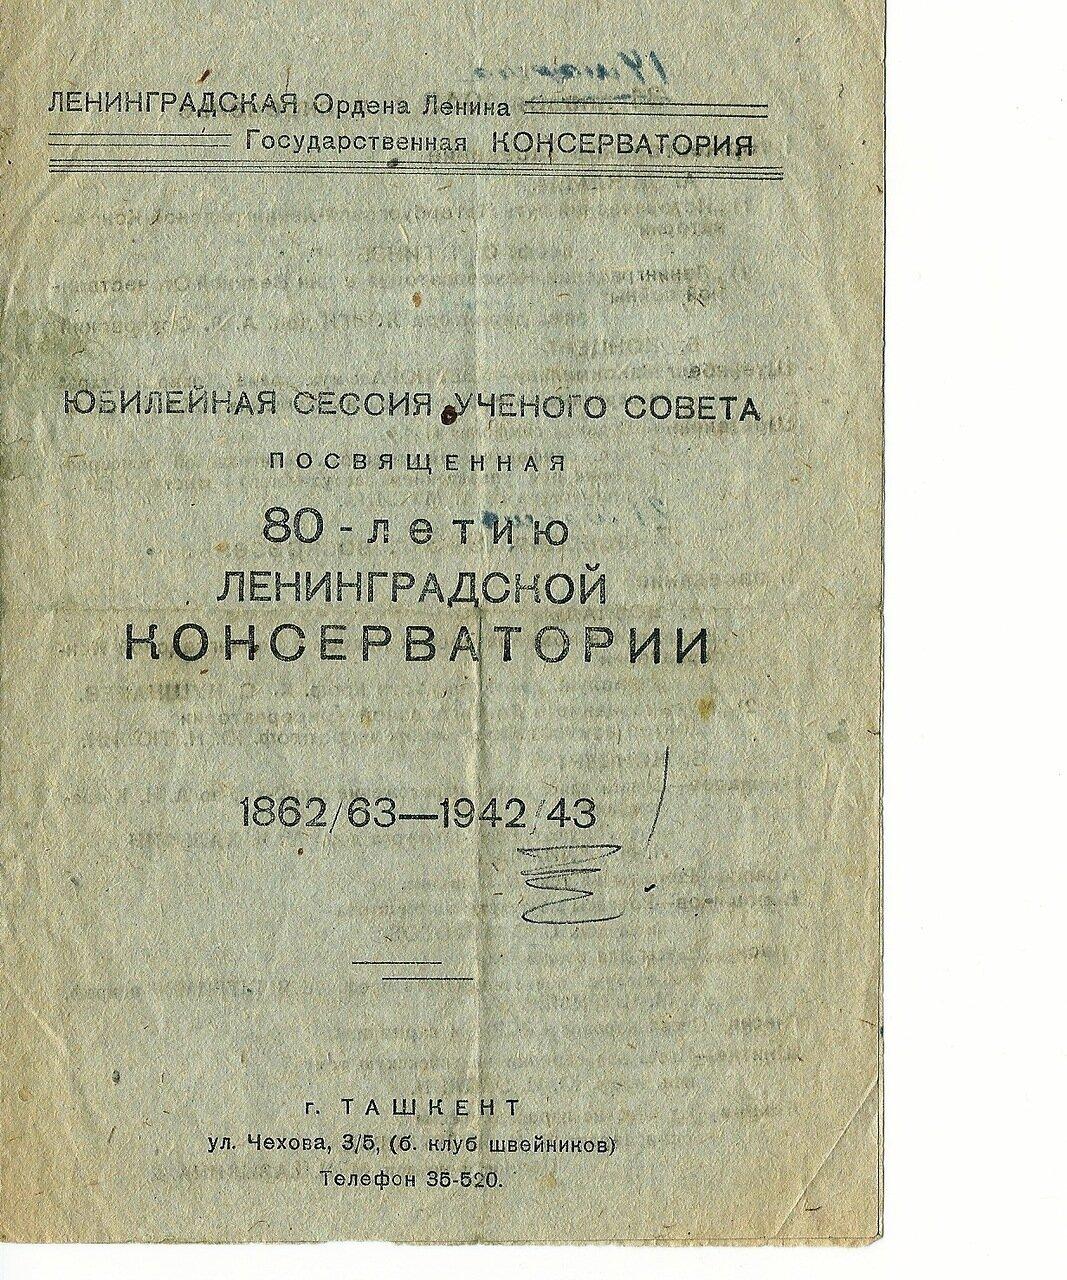 Программа сессии Лен. Консерватории 1943 г.